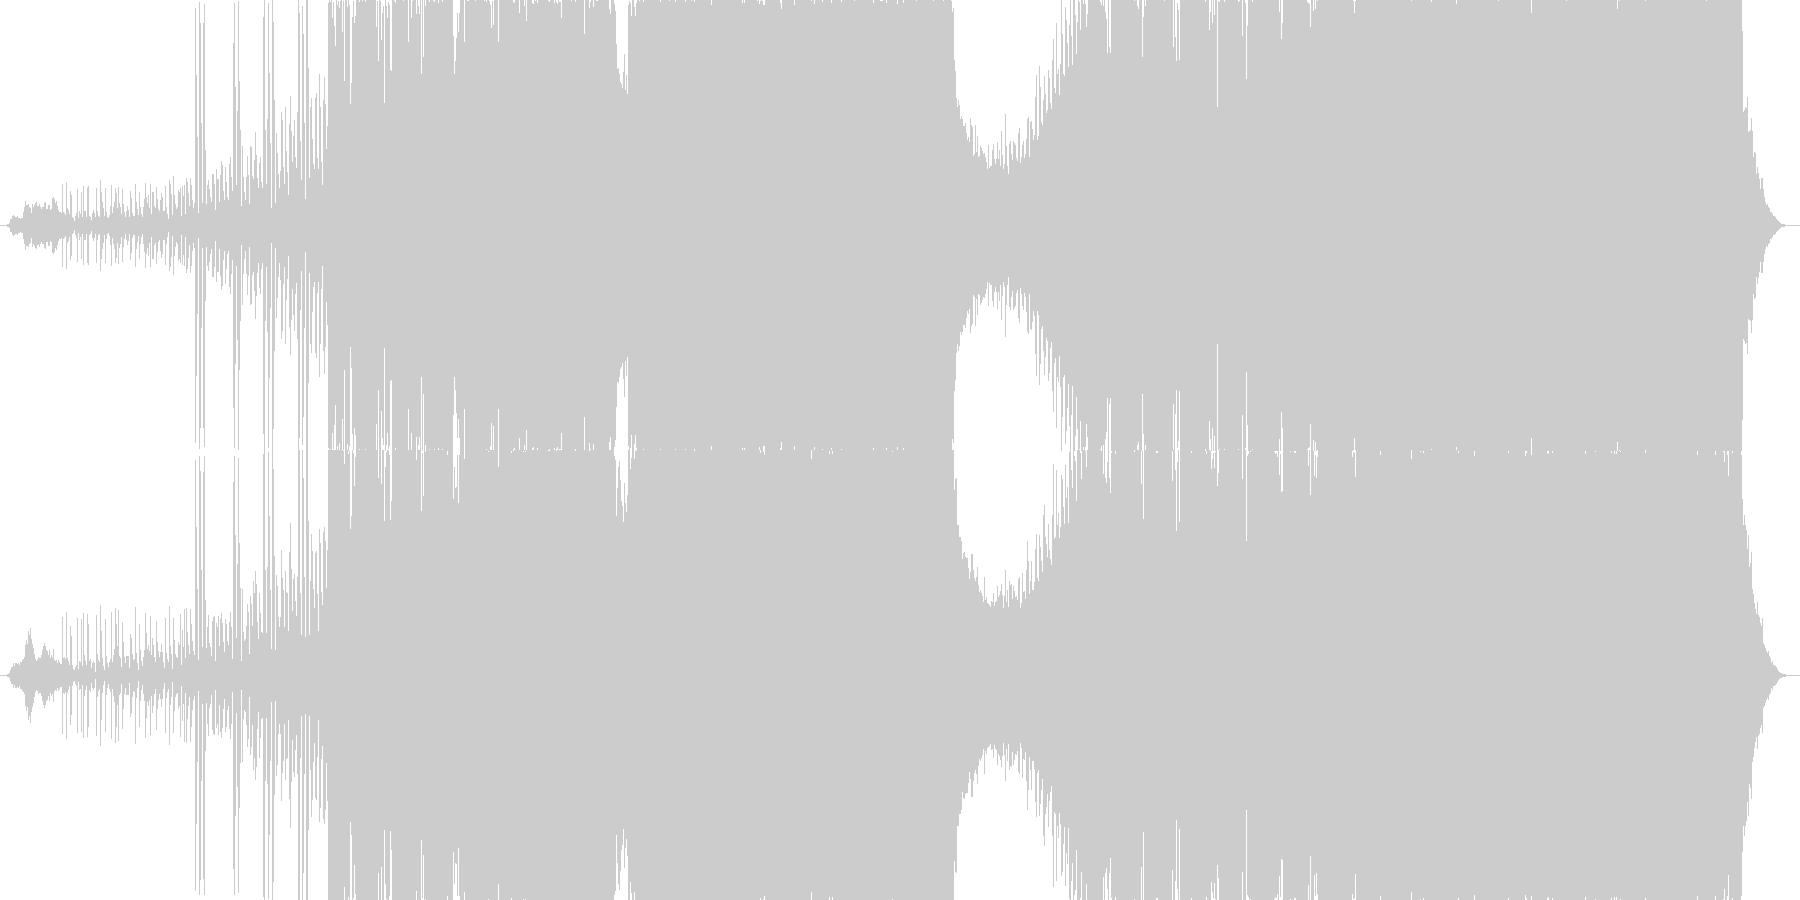 ダークでハードボイルドなラップメタルの未再生の波形